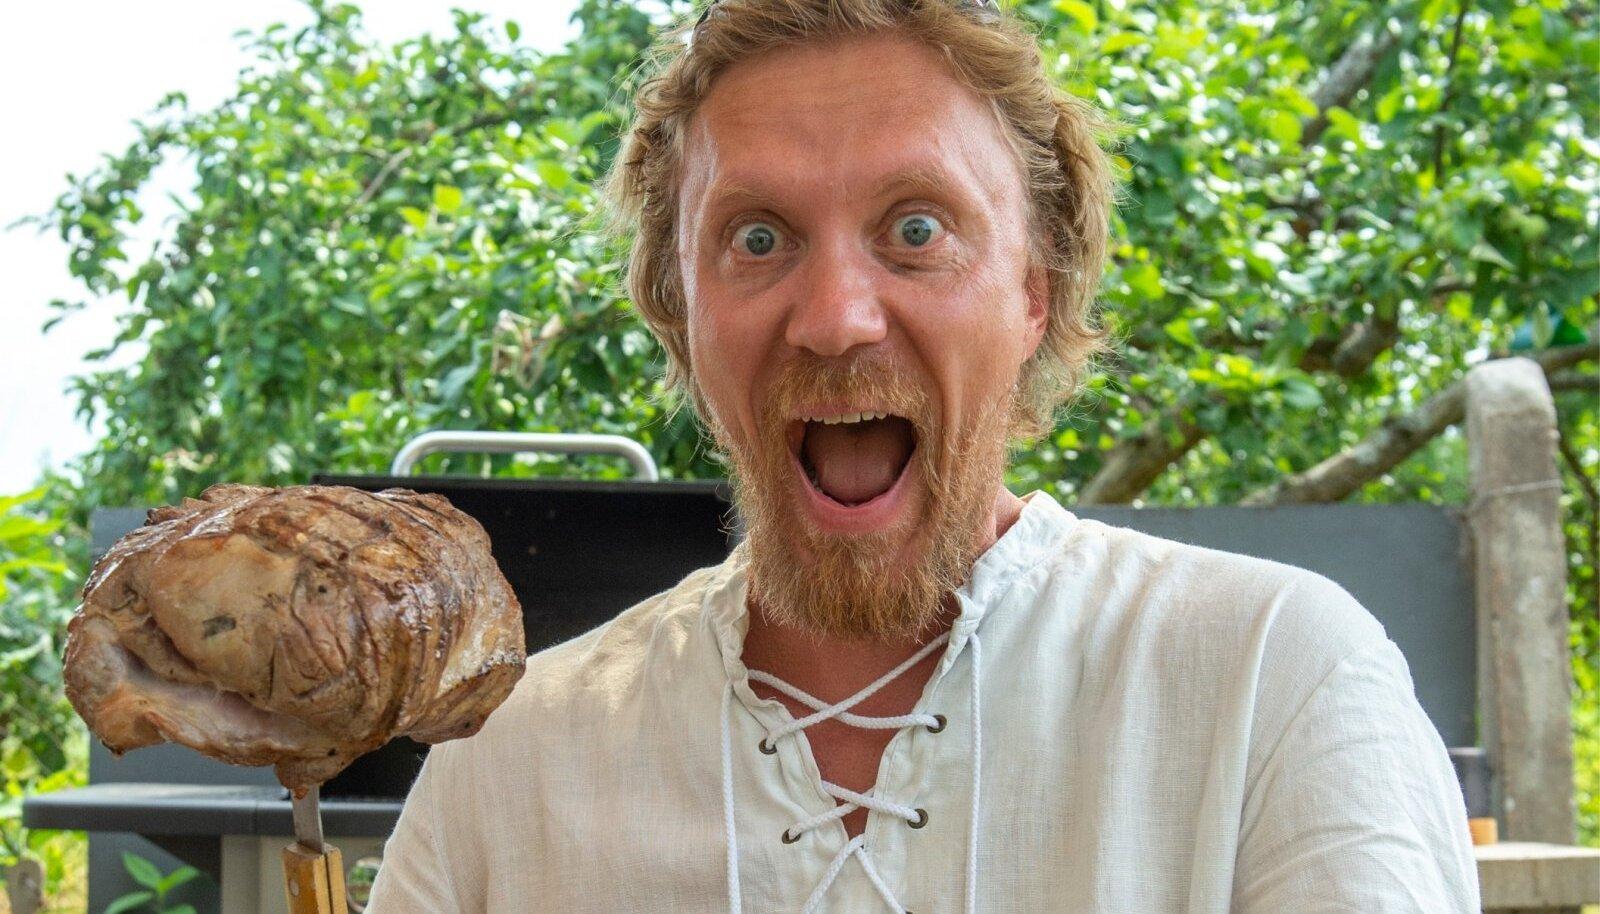 PÕRGUPÕHJA MOODI: Mahlase liha saamiseks tasub sellel enne küpsetamist poorid kinni leegitada või kuumas grillis pruunistada, teab Heikki Junninen.